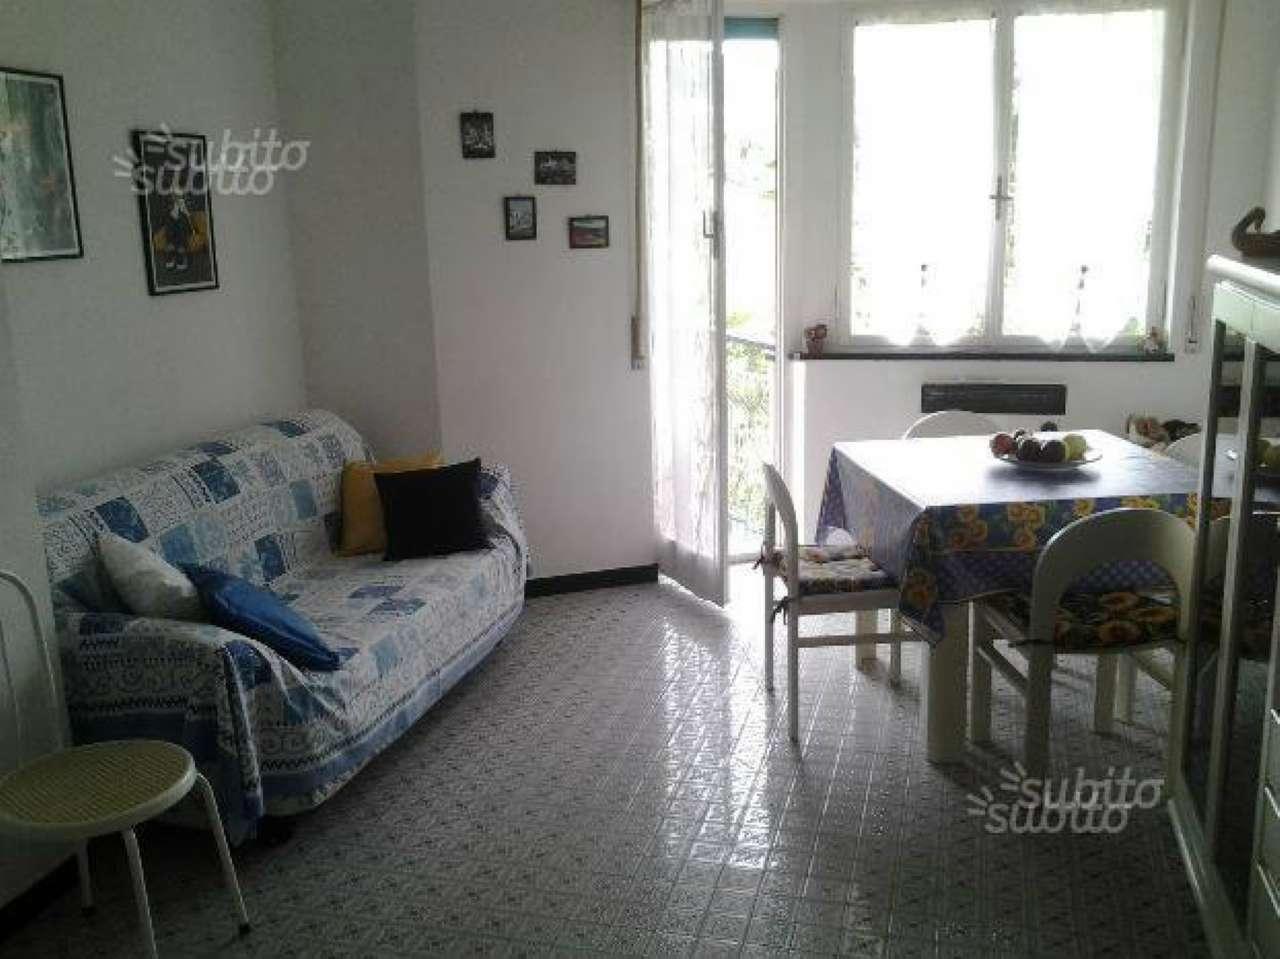 Appartamento ristrutturato in vendita Rif. 6742116